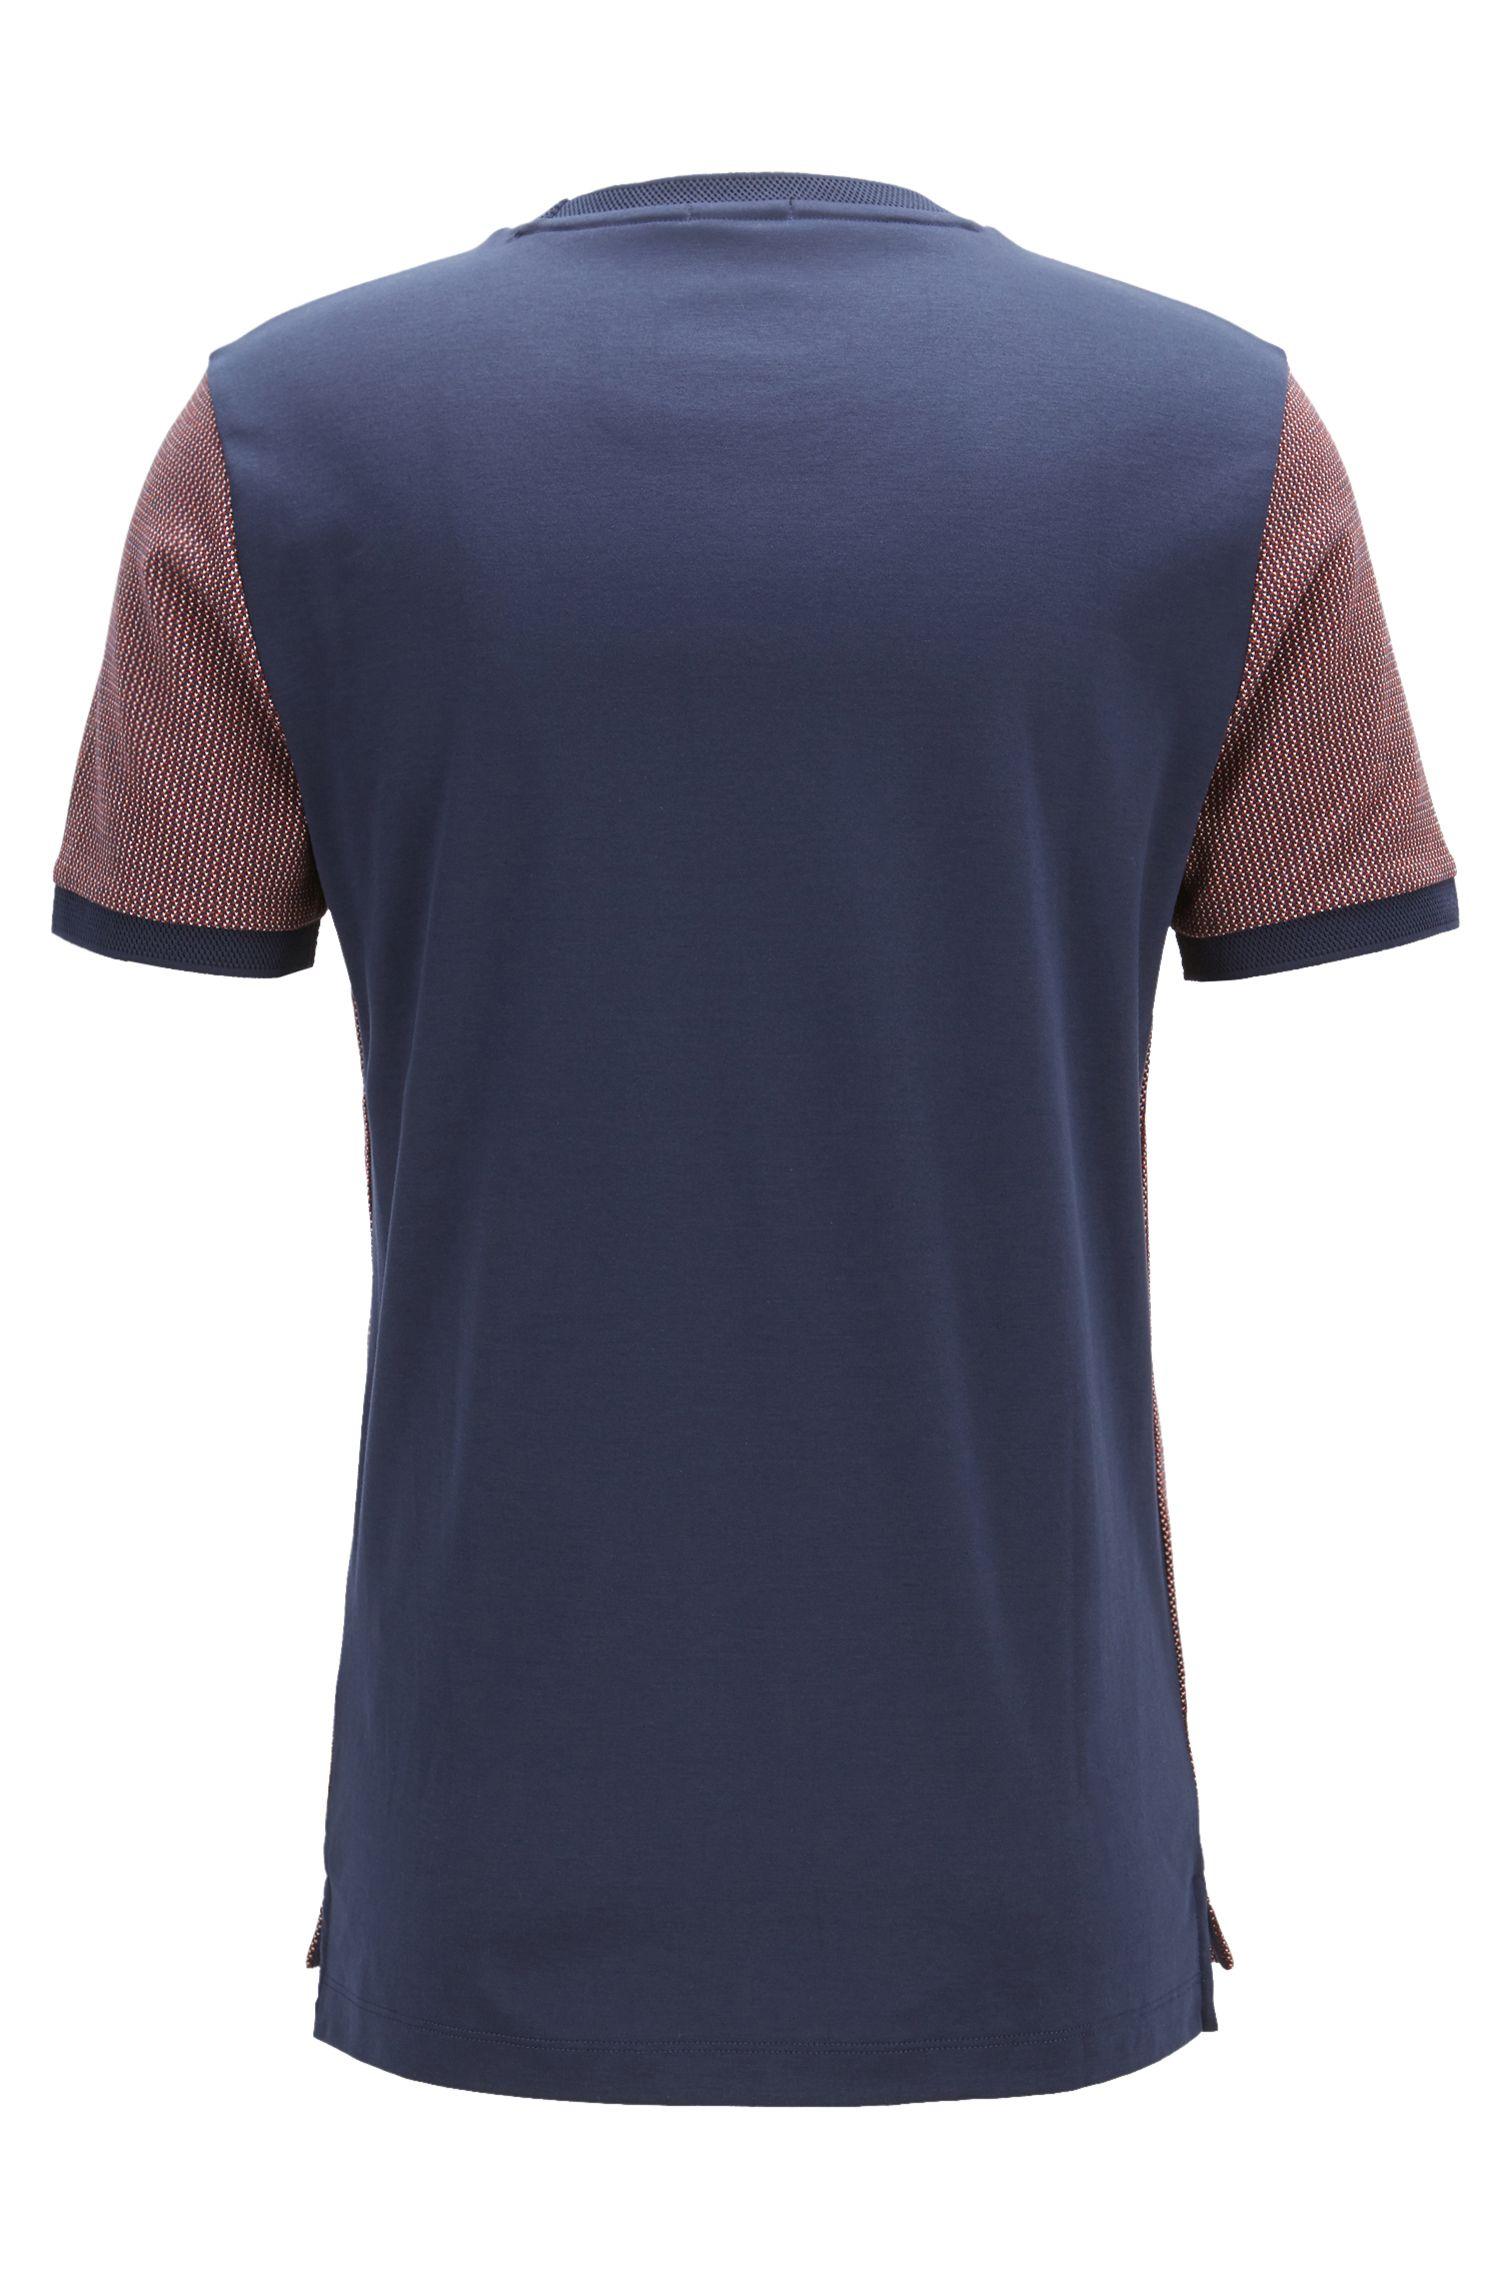 T-shirt Slim Fit en coton jacquard à motif caviar